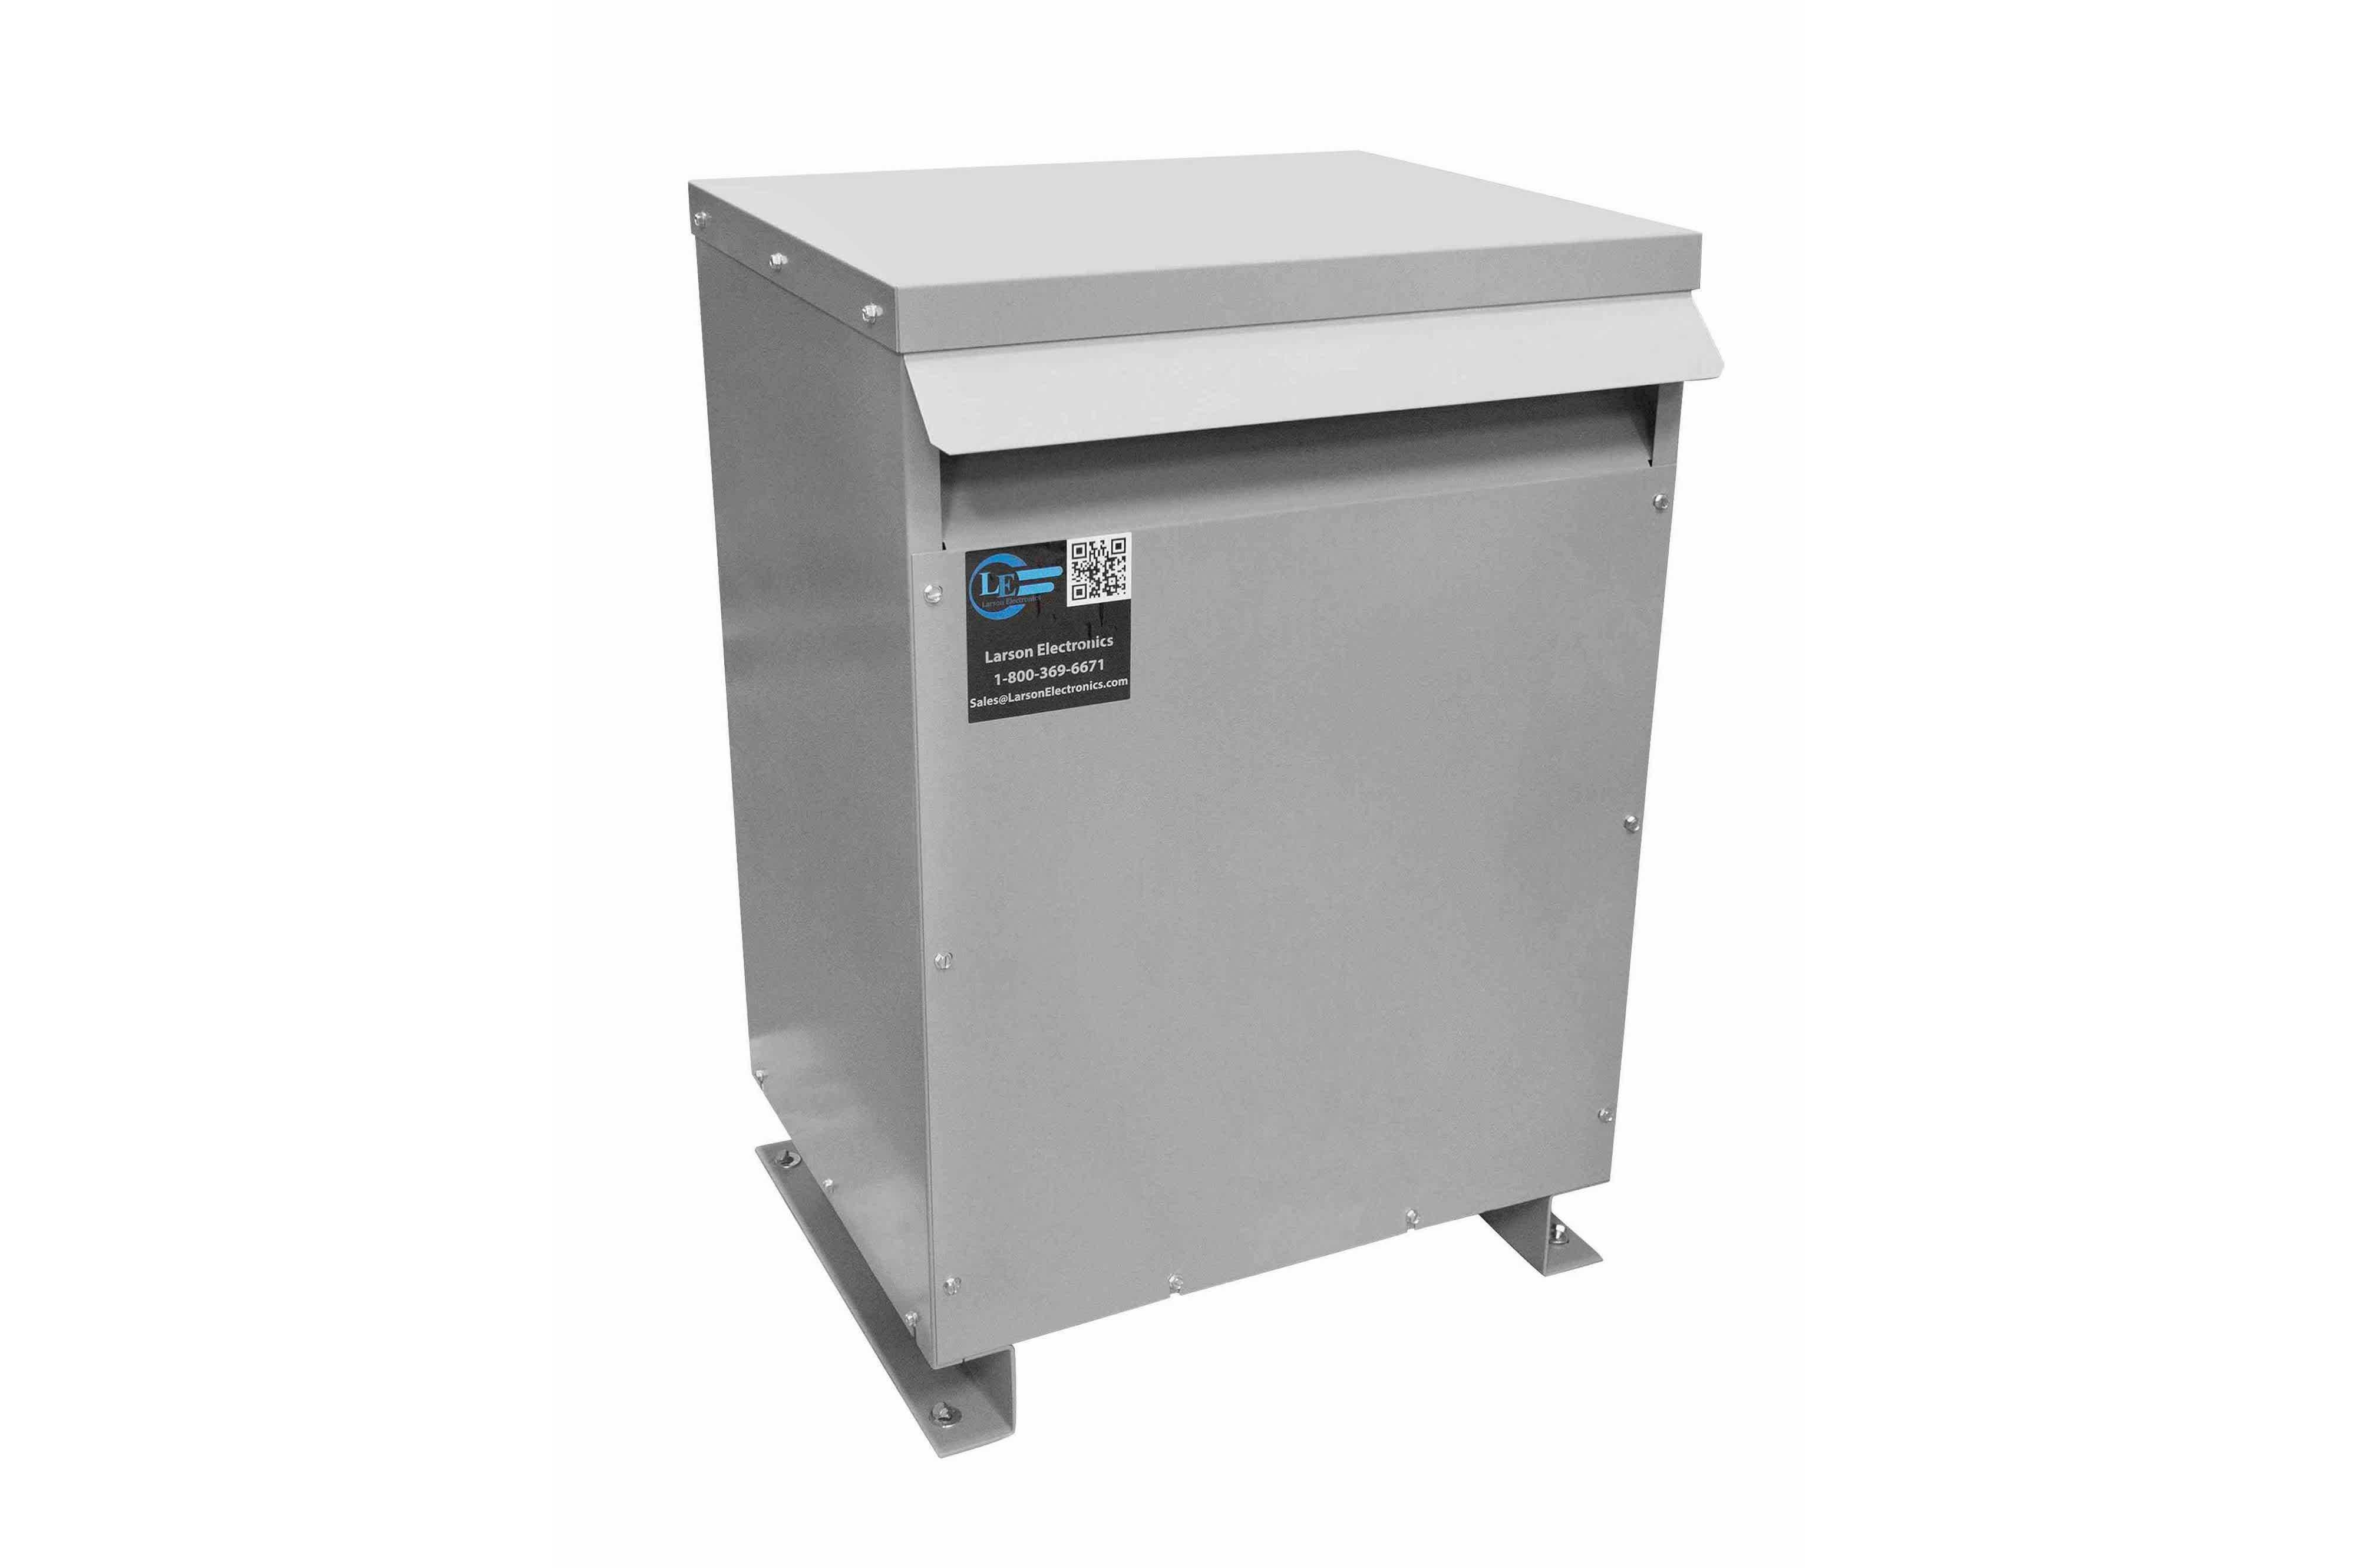 110 kVA 3PH Isolation Transformer, 460V Delta Primary, 208V Delta Secondary, N3R, Ventilated, 60 Hz